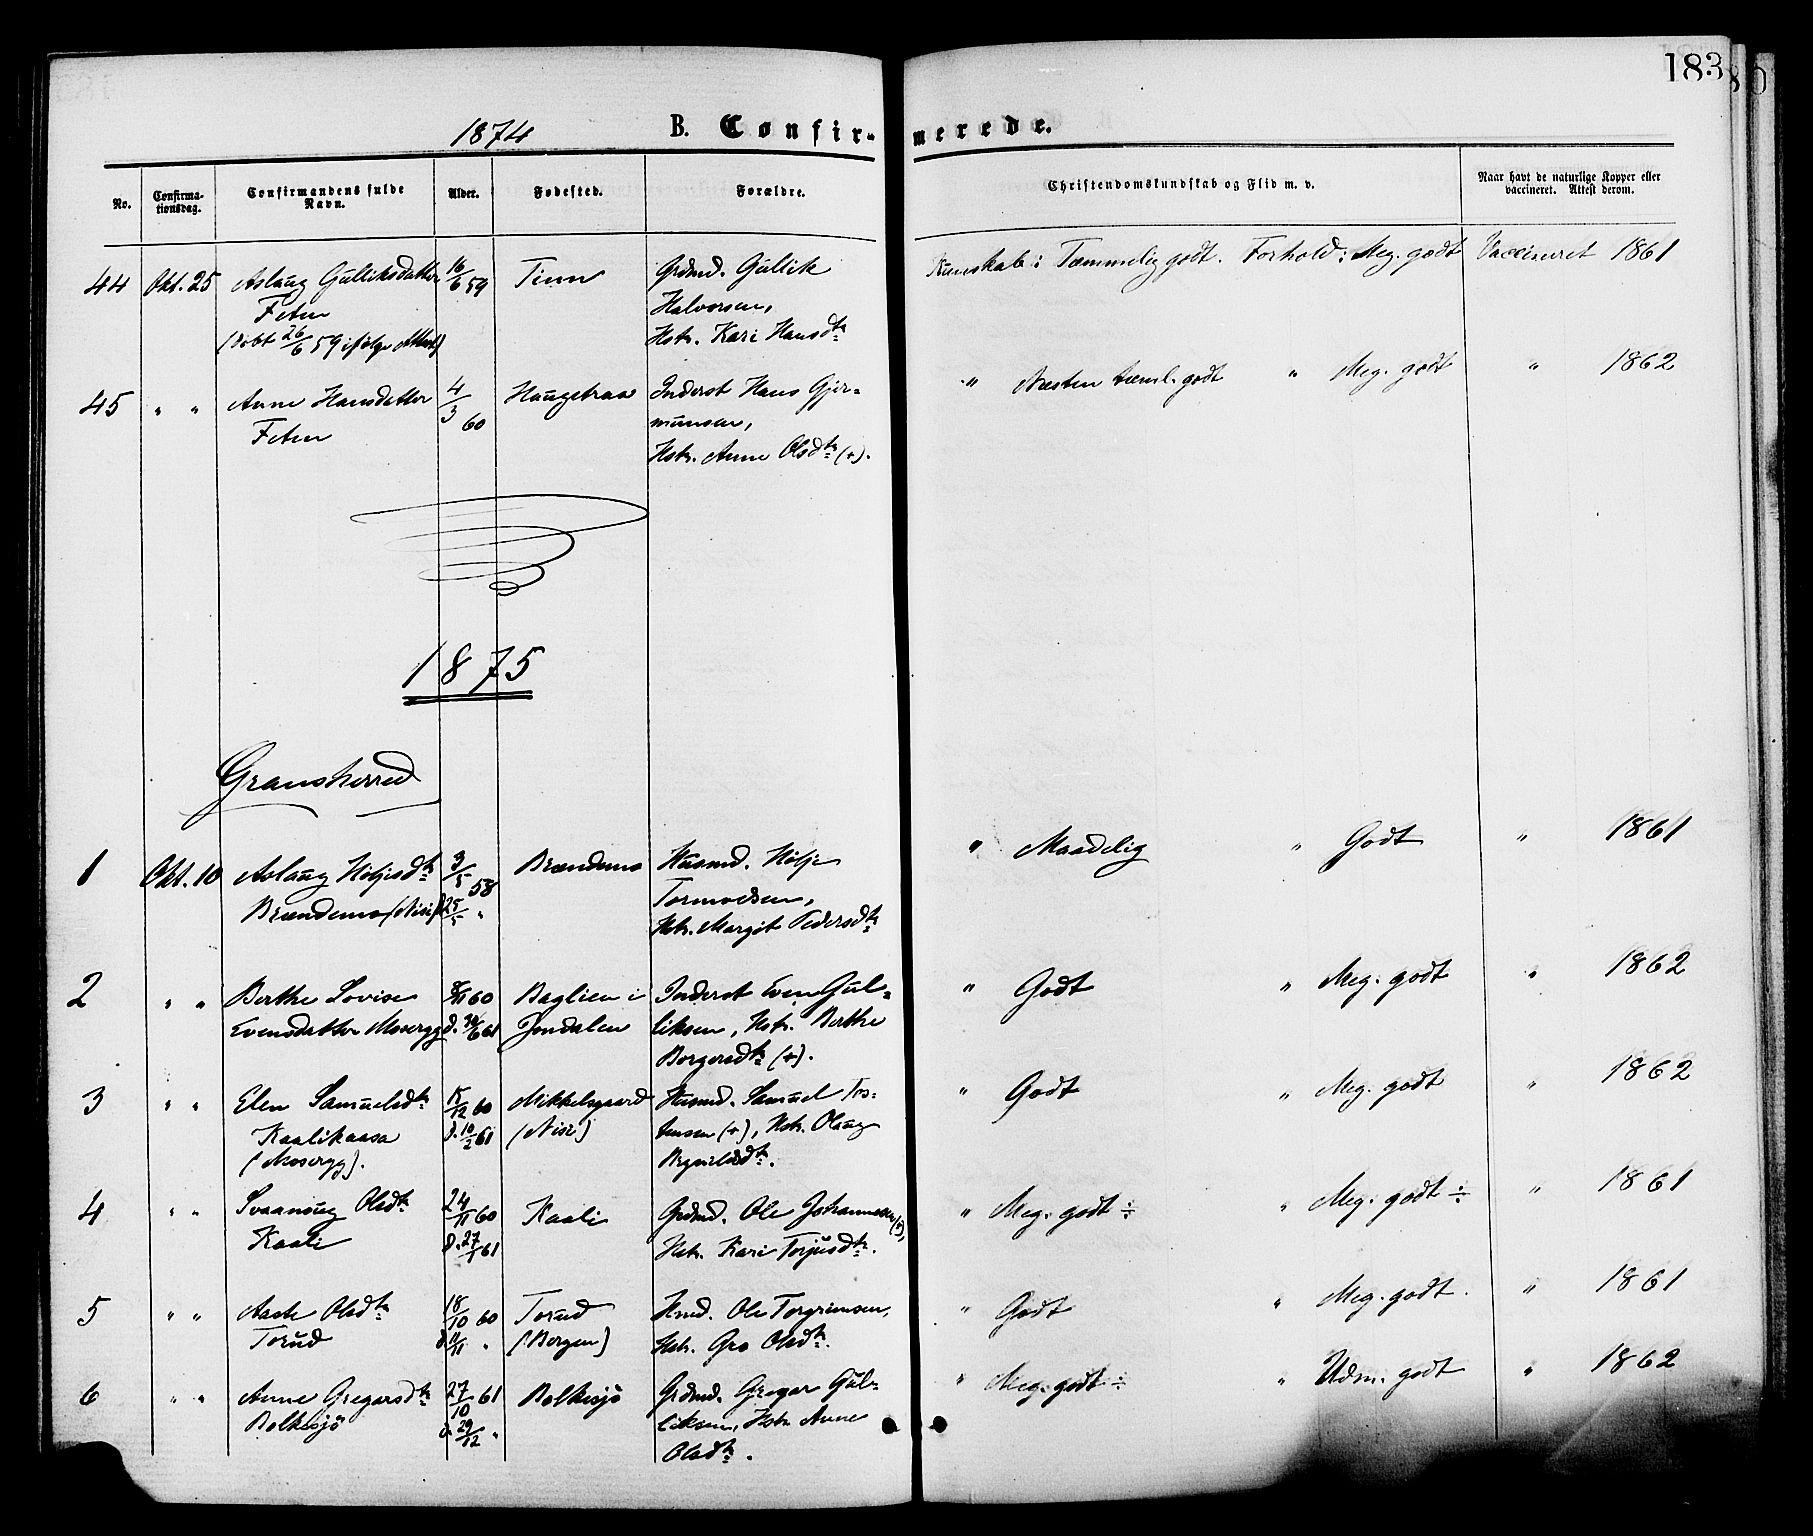 SAKO, Gransherad kirkebøker, F/Fa/L0004: Ministerialbok nr. I 4, 1871-1886, s. 183